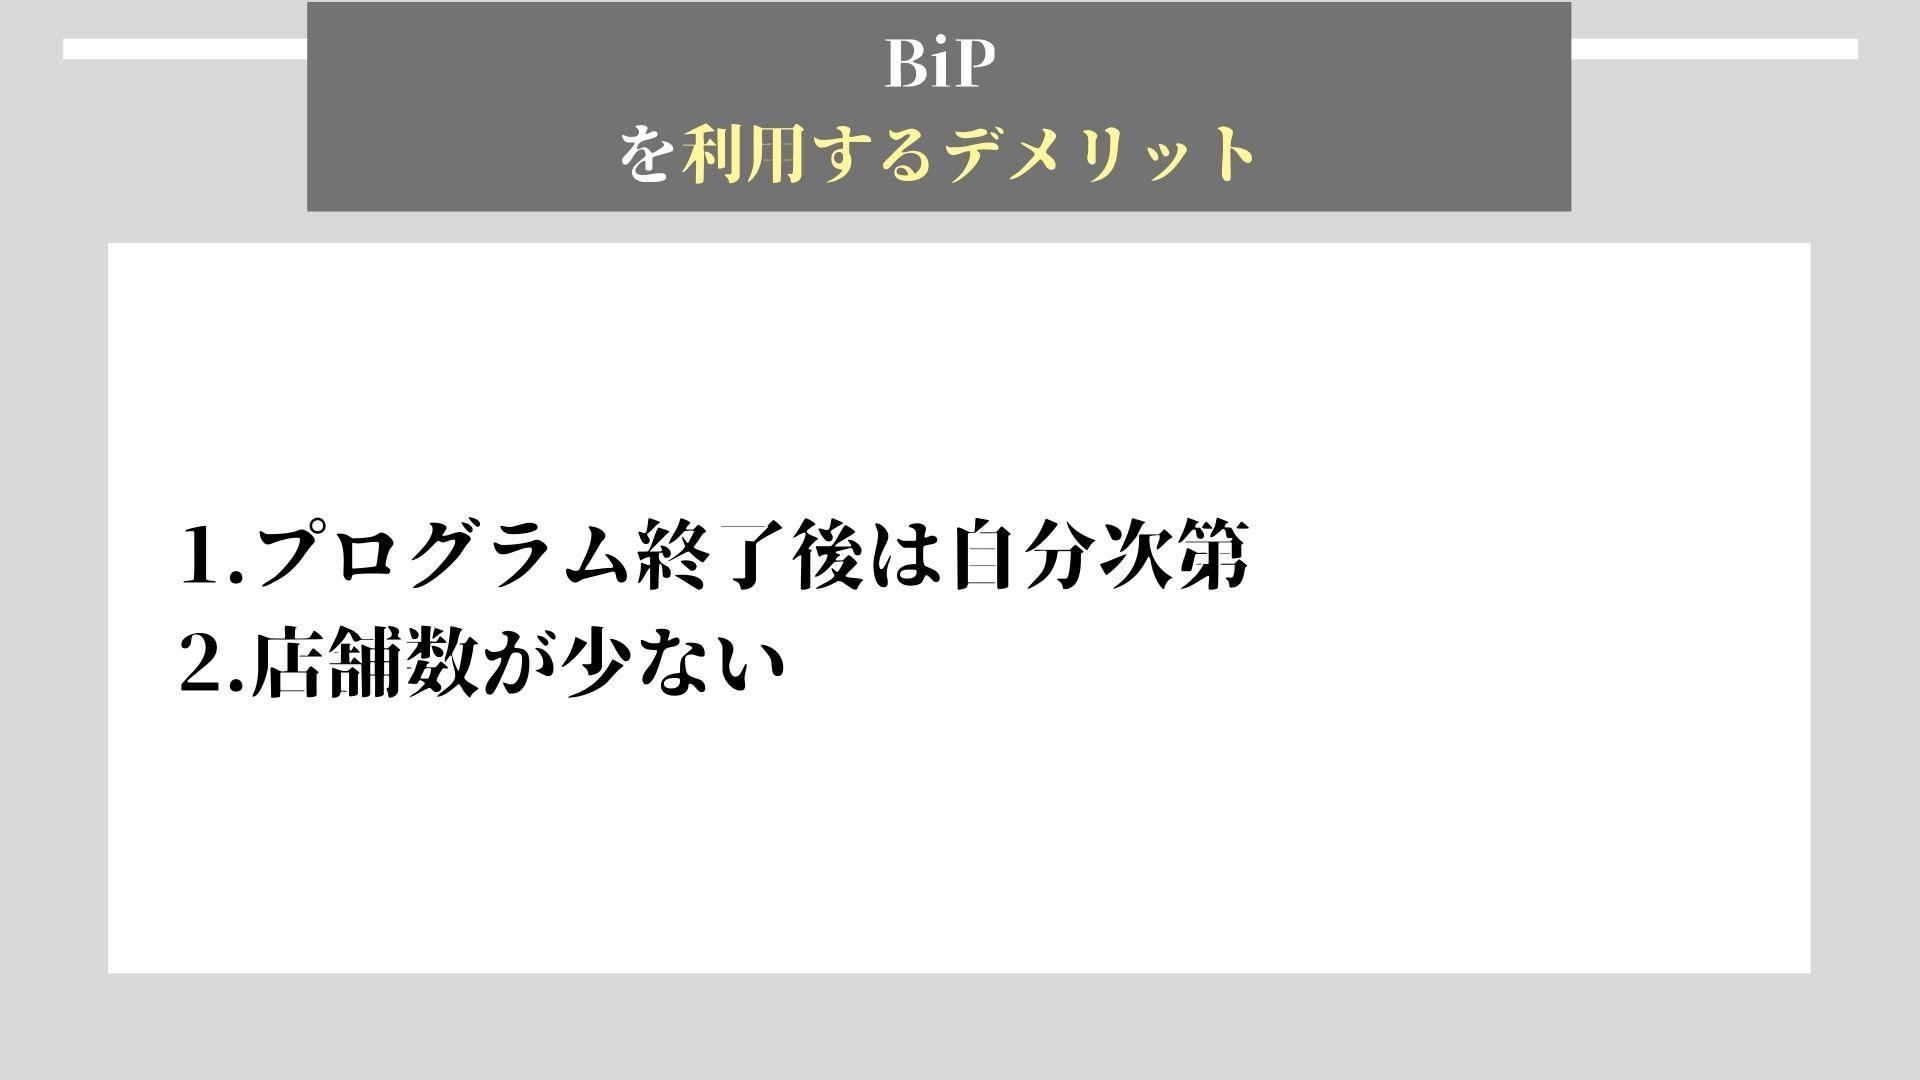 BiP デメリット